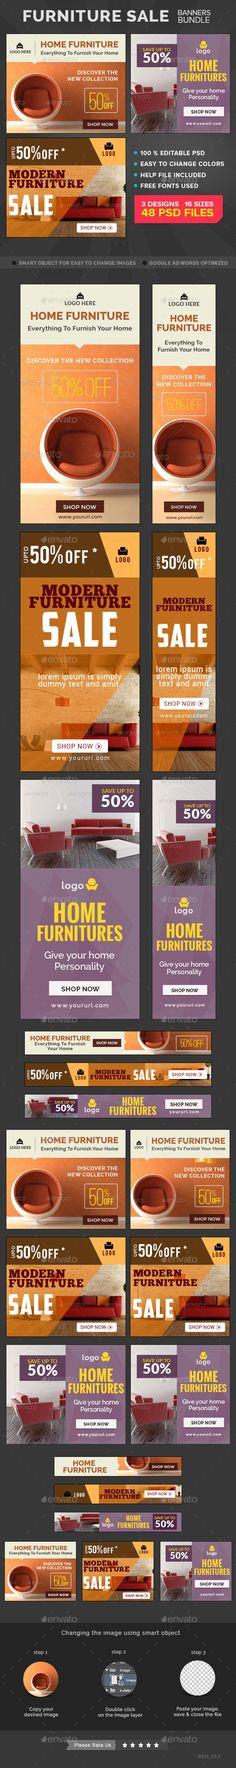 Furniture Sale Banners Bundle - 3 Sets #design Download: http://graphicriver.net/item/furniture-sale-banners-bundle-3-sets/11546086?ref=ksioks